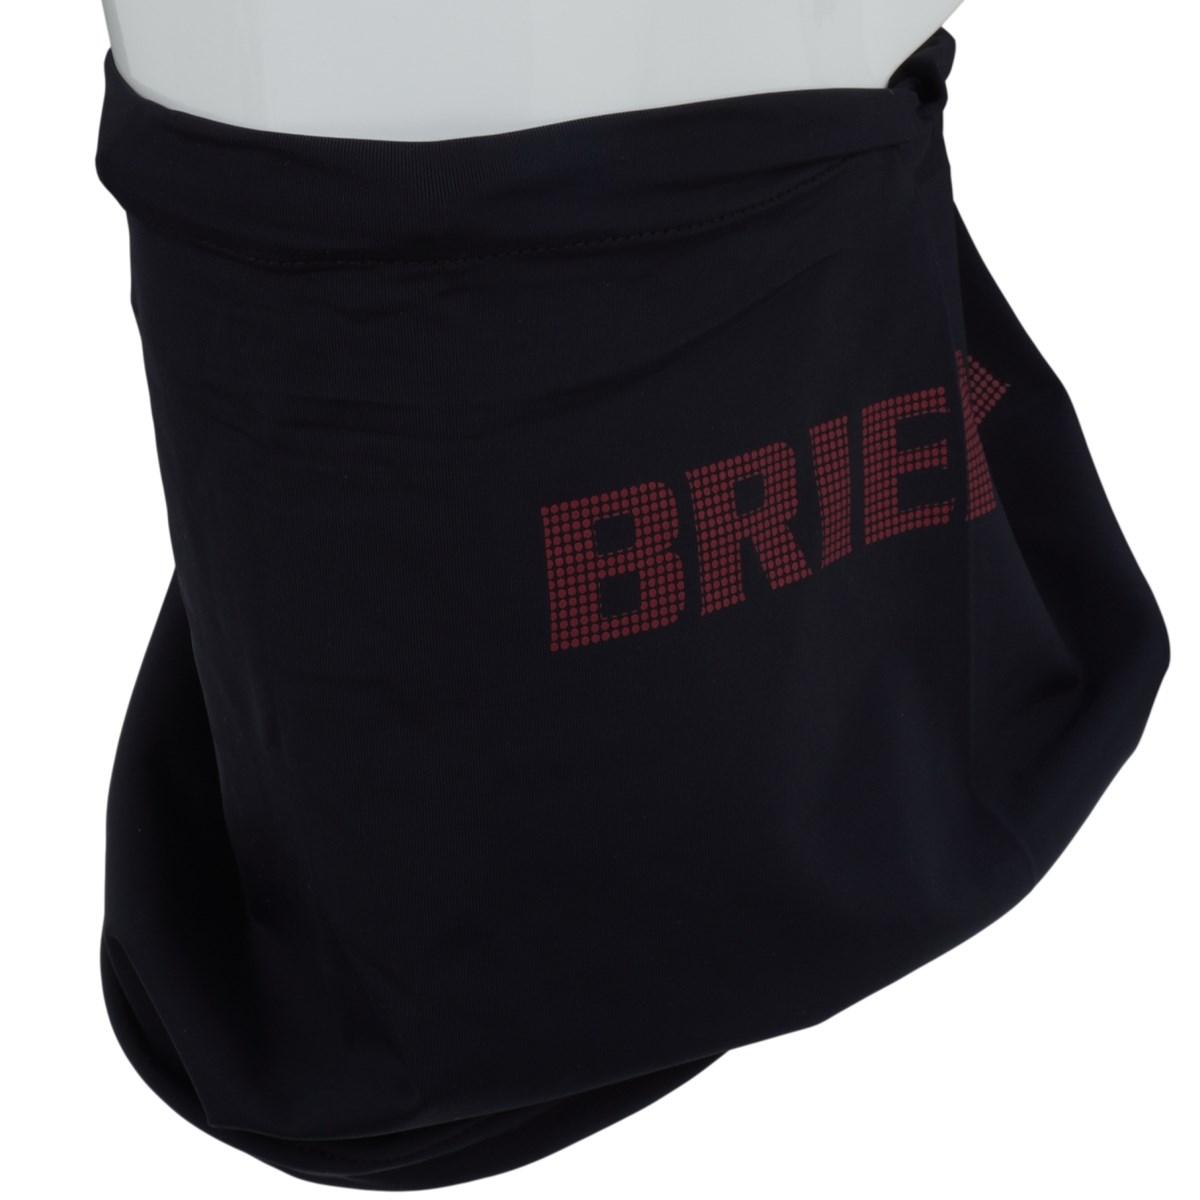 ブリーフィング BRIEFING CORDURA ネックガイザー ブラック 010